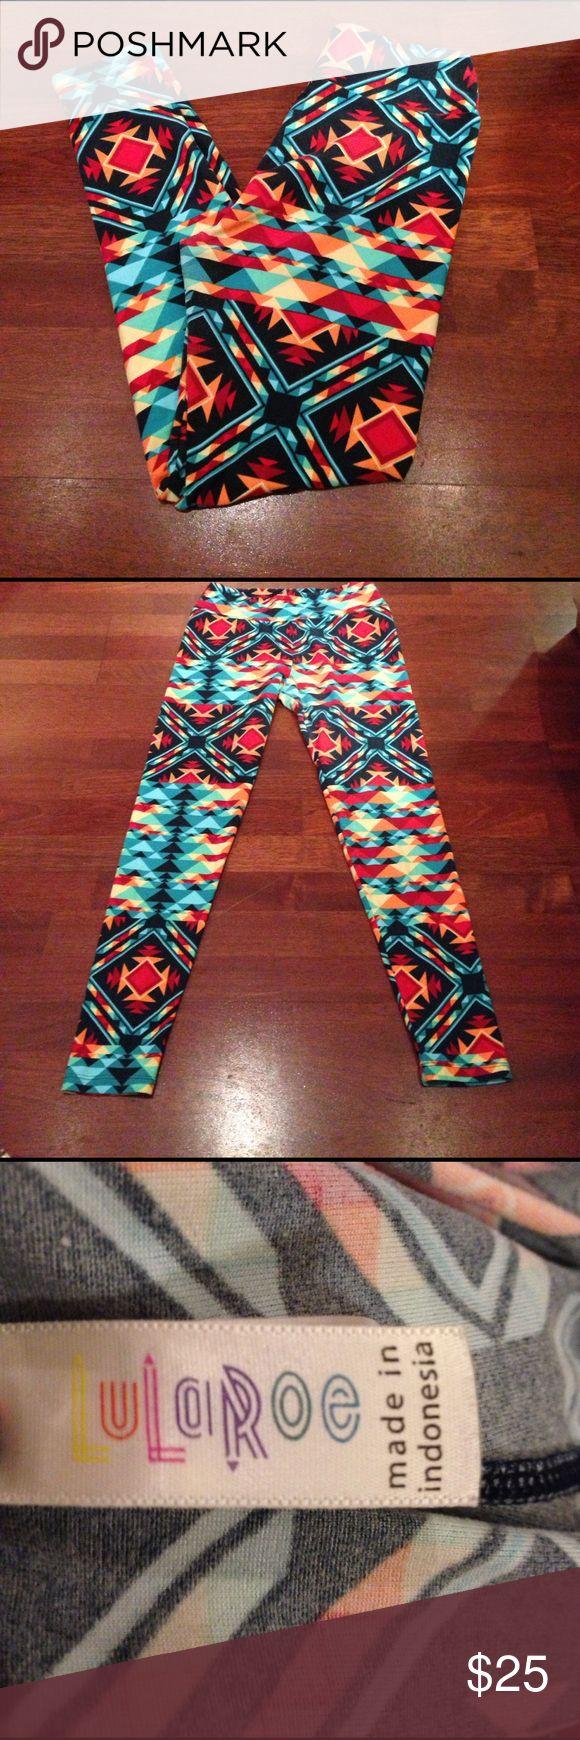 Lula Roe Leggings Fun Azteca printed legging, bright with lots of different colors! LuLaRoe Pants Leggings